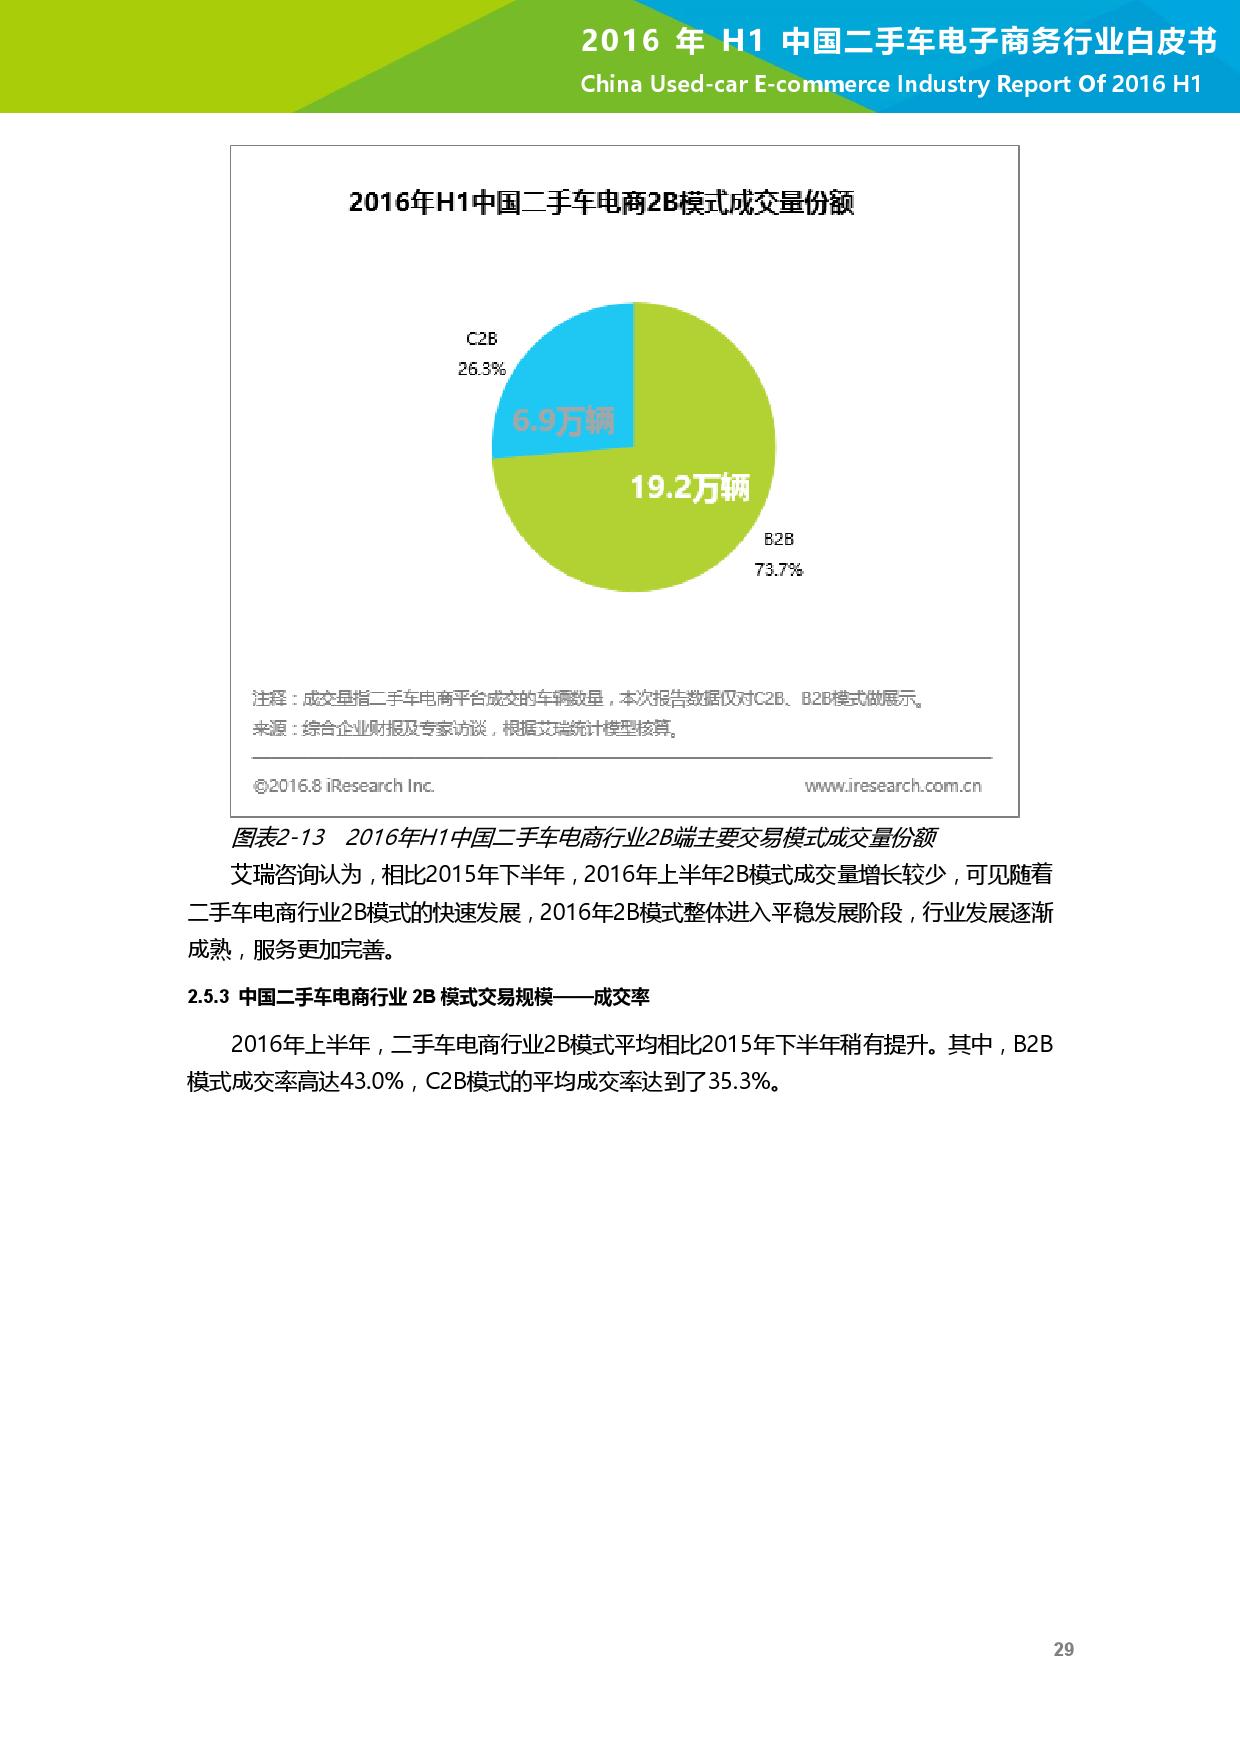 2016年H1中国二手车电子商务行业白皮书_000030